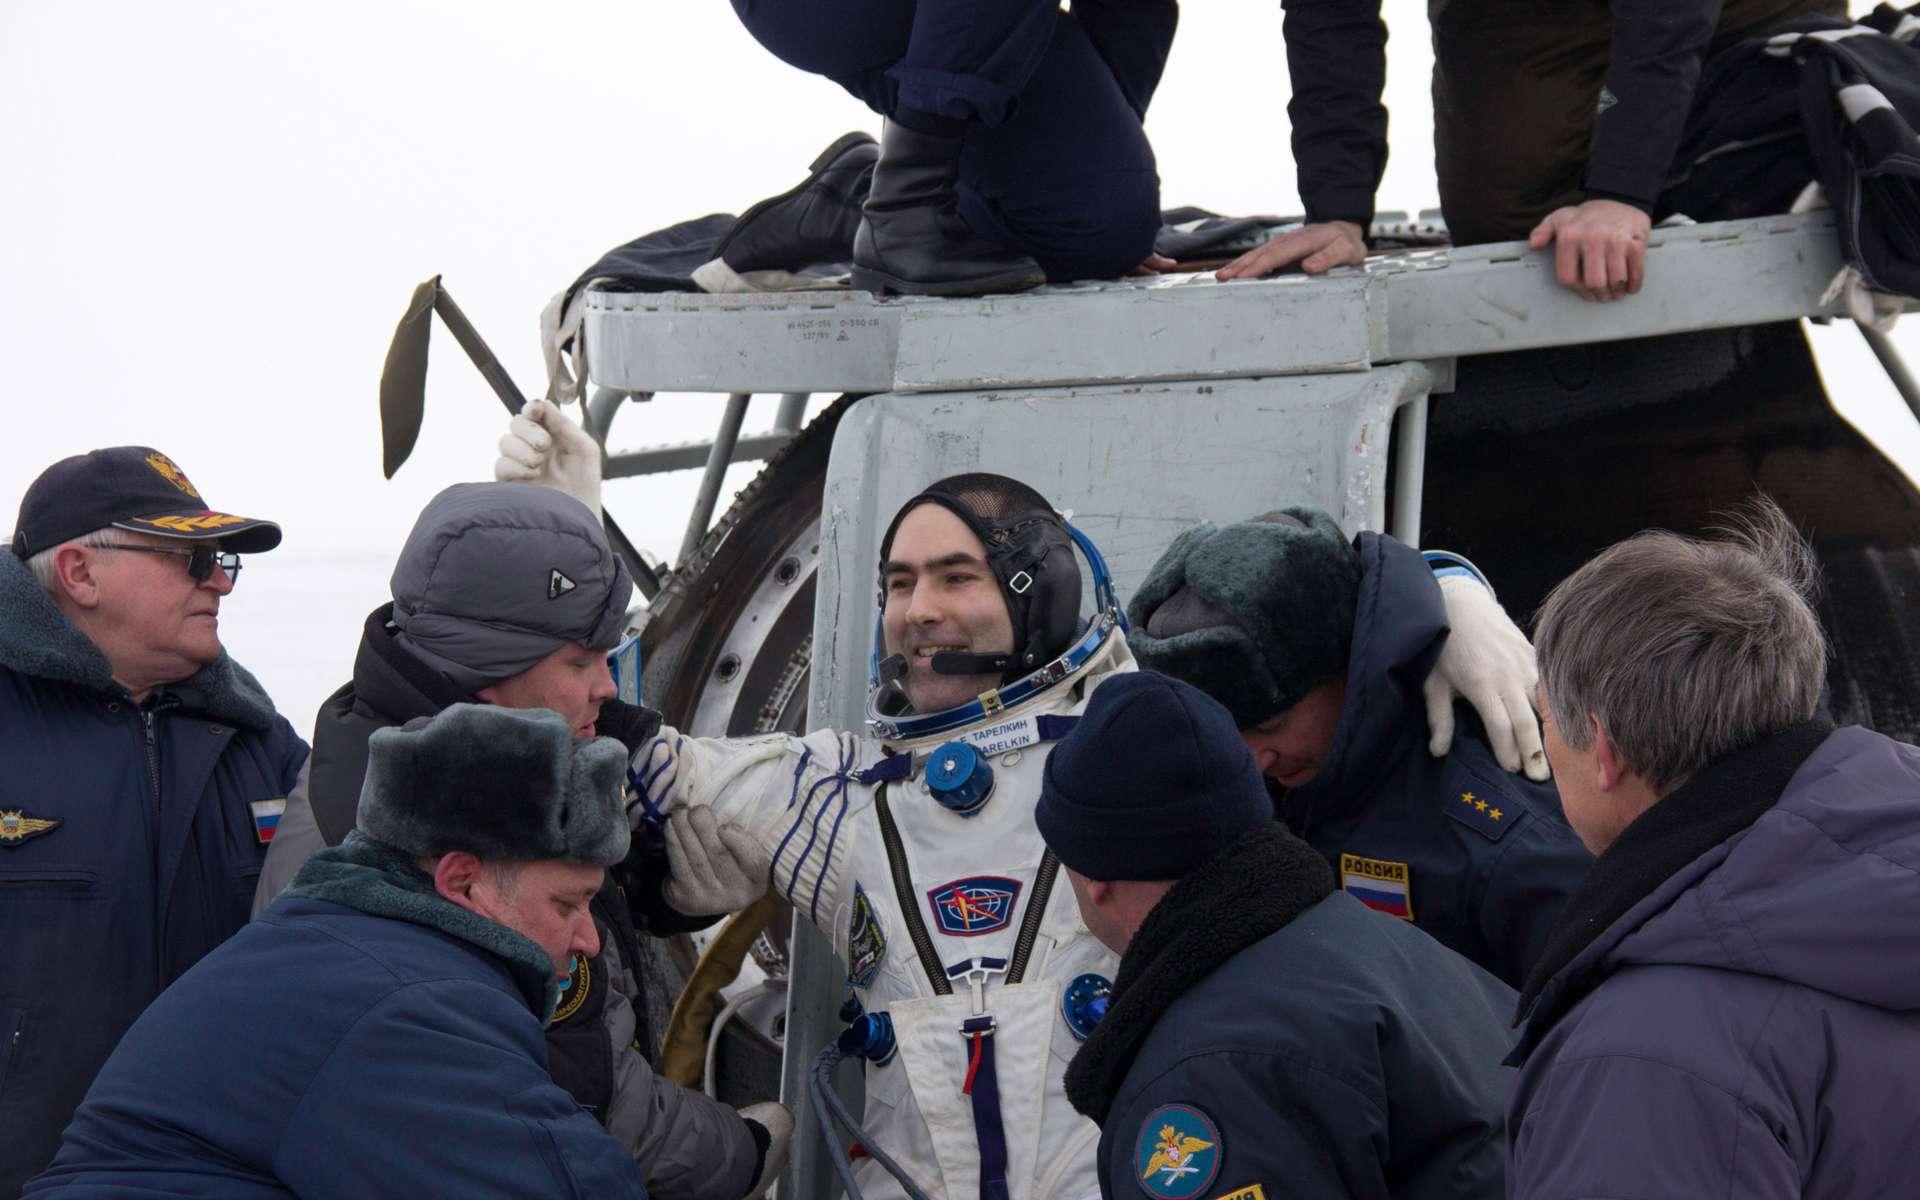 Le cosmonaute russe Evgeny Tarelkin extrait de la capsule Soyouz, quelques minutes après son atterrissage de retour d'orbite. Il vient de passer plusieurs mois dans l'espace. © Sergey Vigovskiy